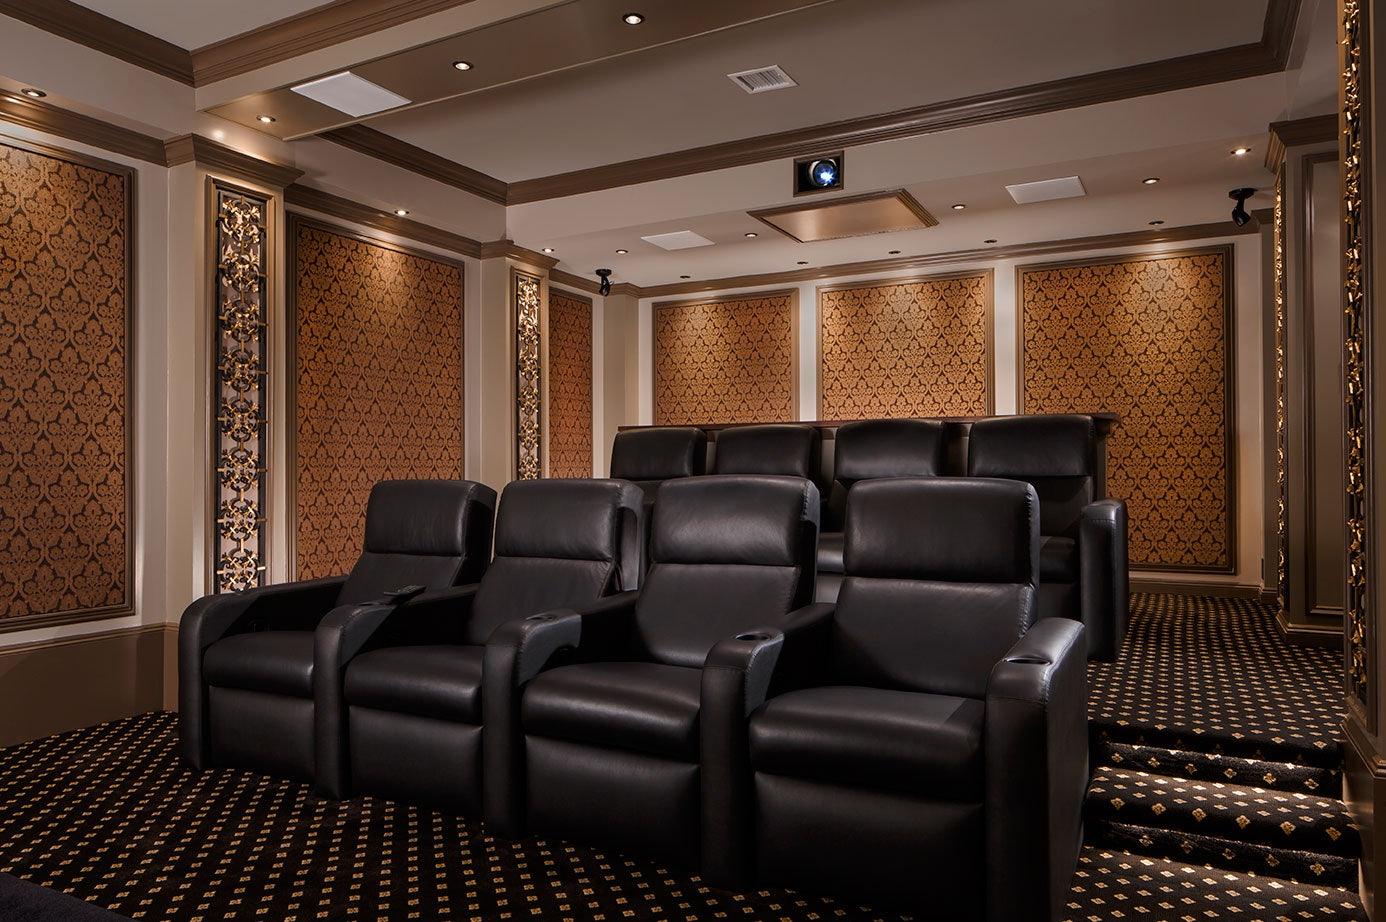 Armonk Theater